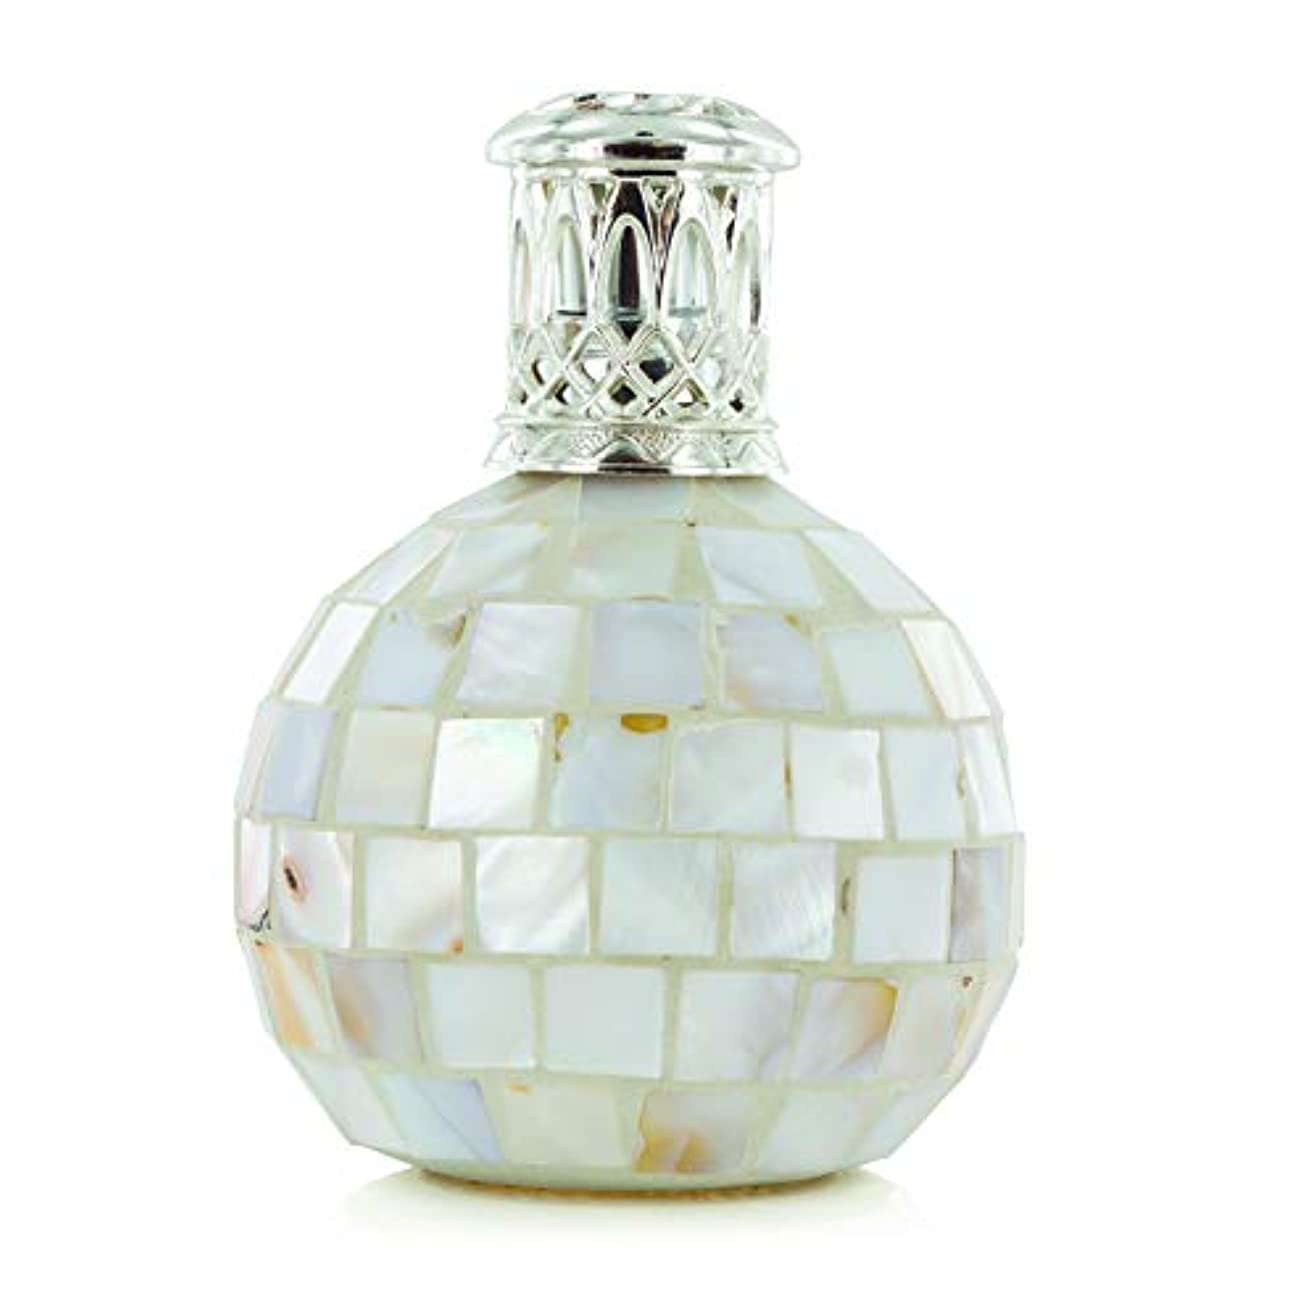 経度ピニオン記述するAshleigh&Burwood フレグランスランプ S リトルオーシャン FragranceLamps sizeS LittleOcean アシュレイ&バーウッド